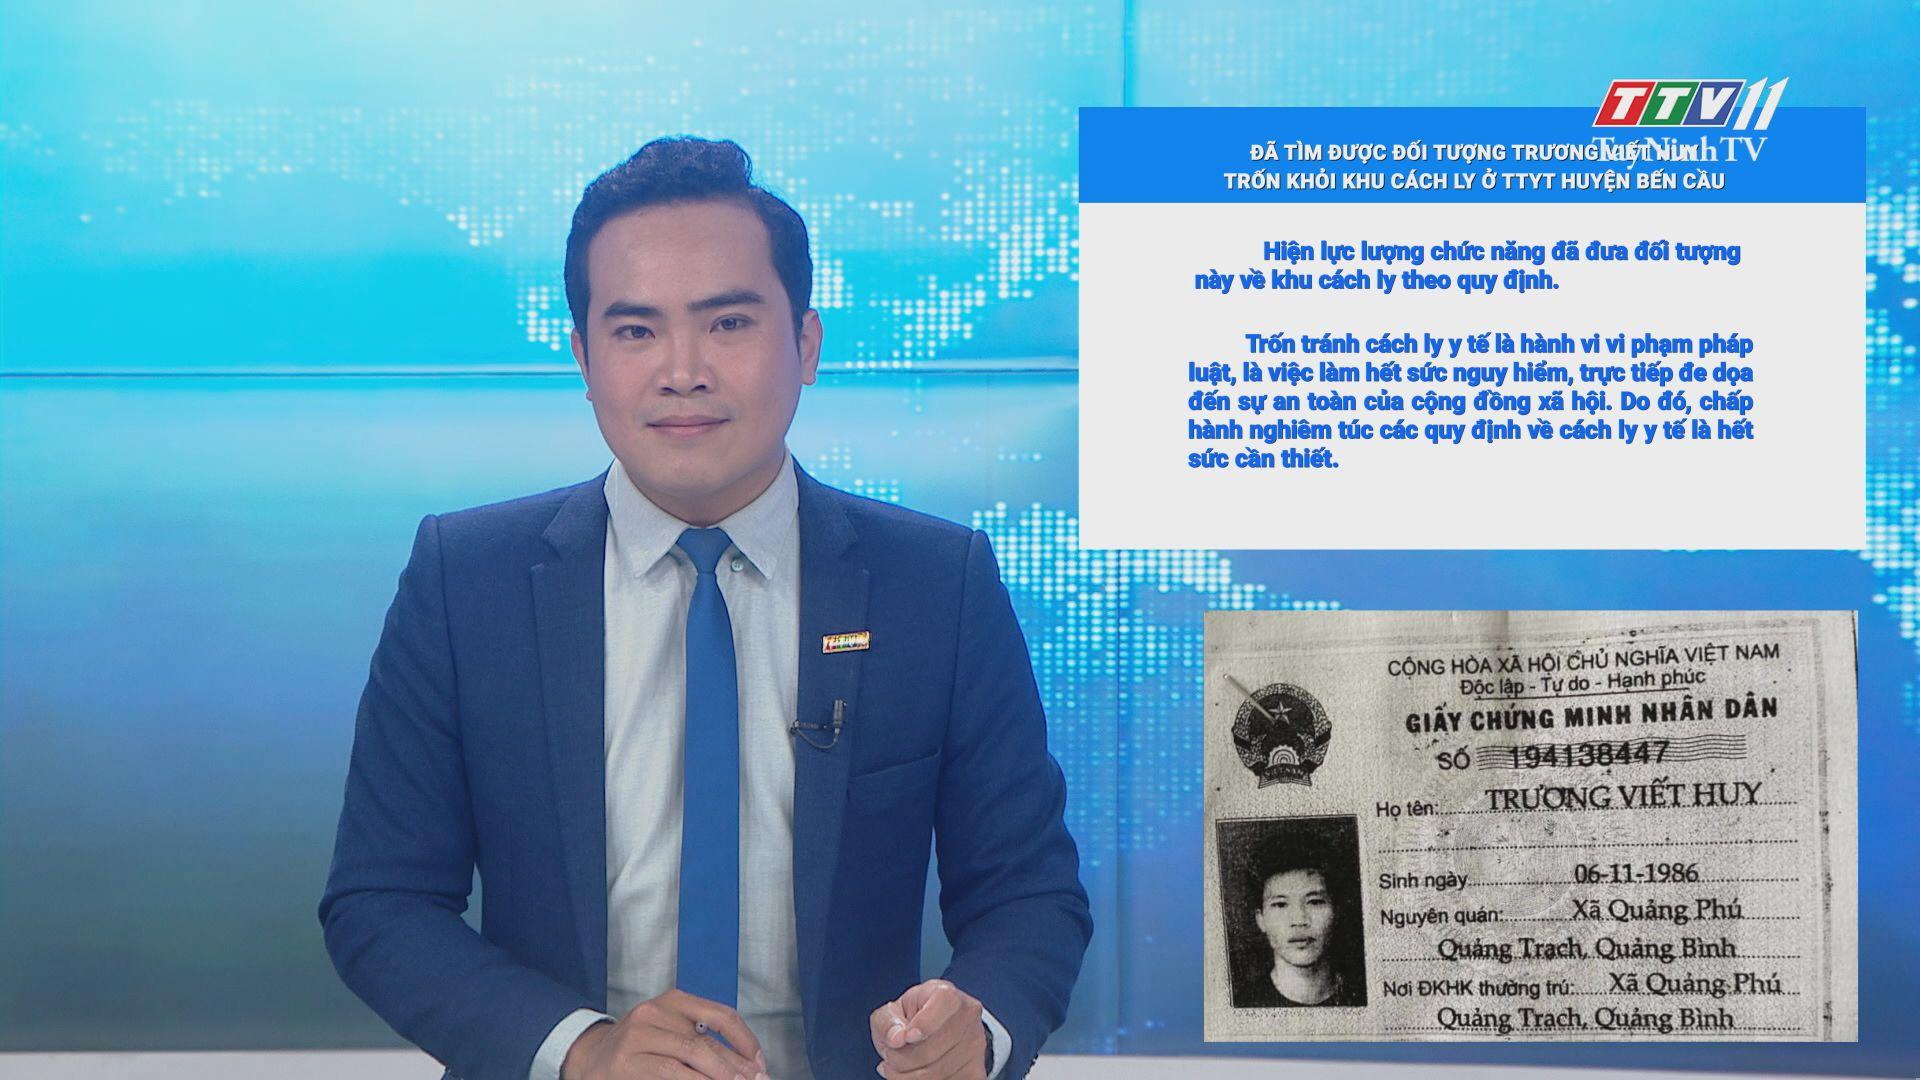 Đã tìm được đối tượng Trương Viết Huy trốn khỏi khu cách ly ở TTYT huyện Bến Cầu | THÔNG TIN DỊCH CÚM COVID-19 | TayNinhTV